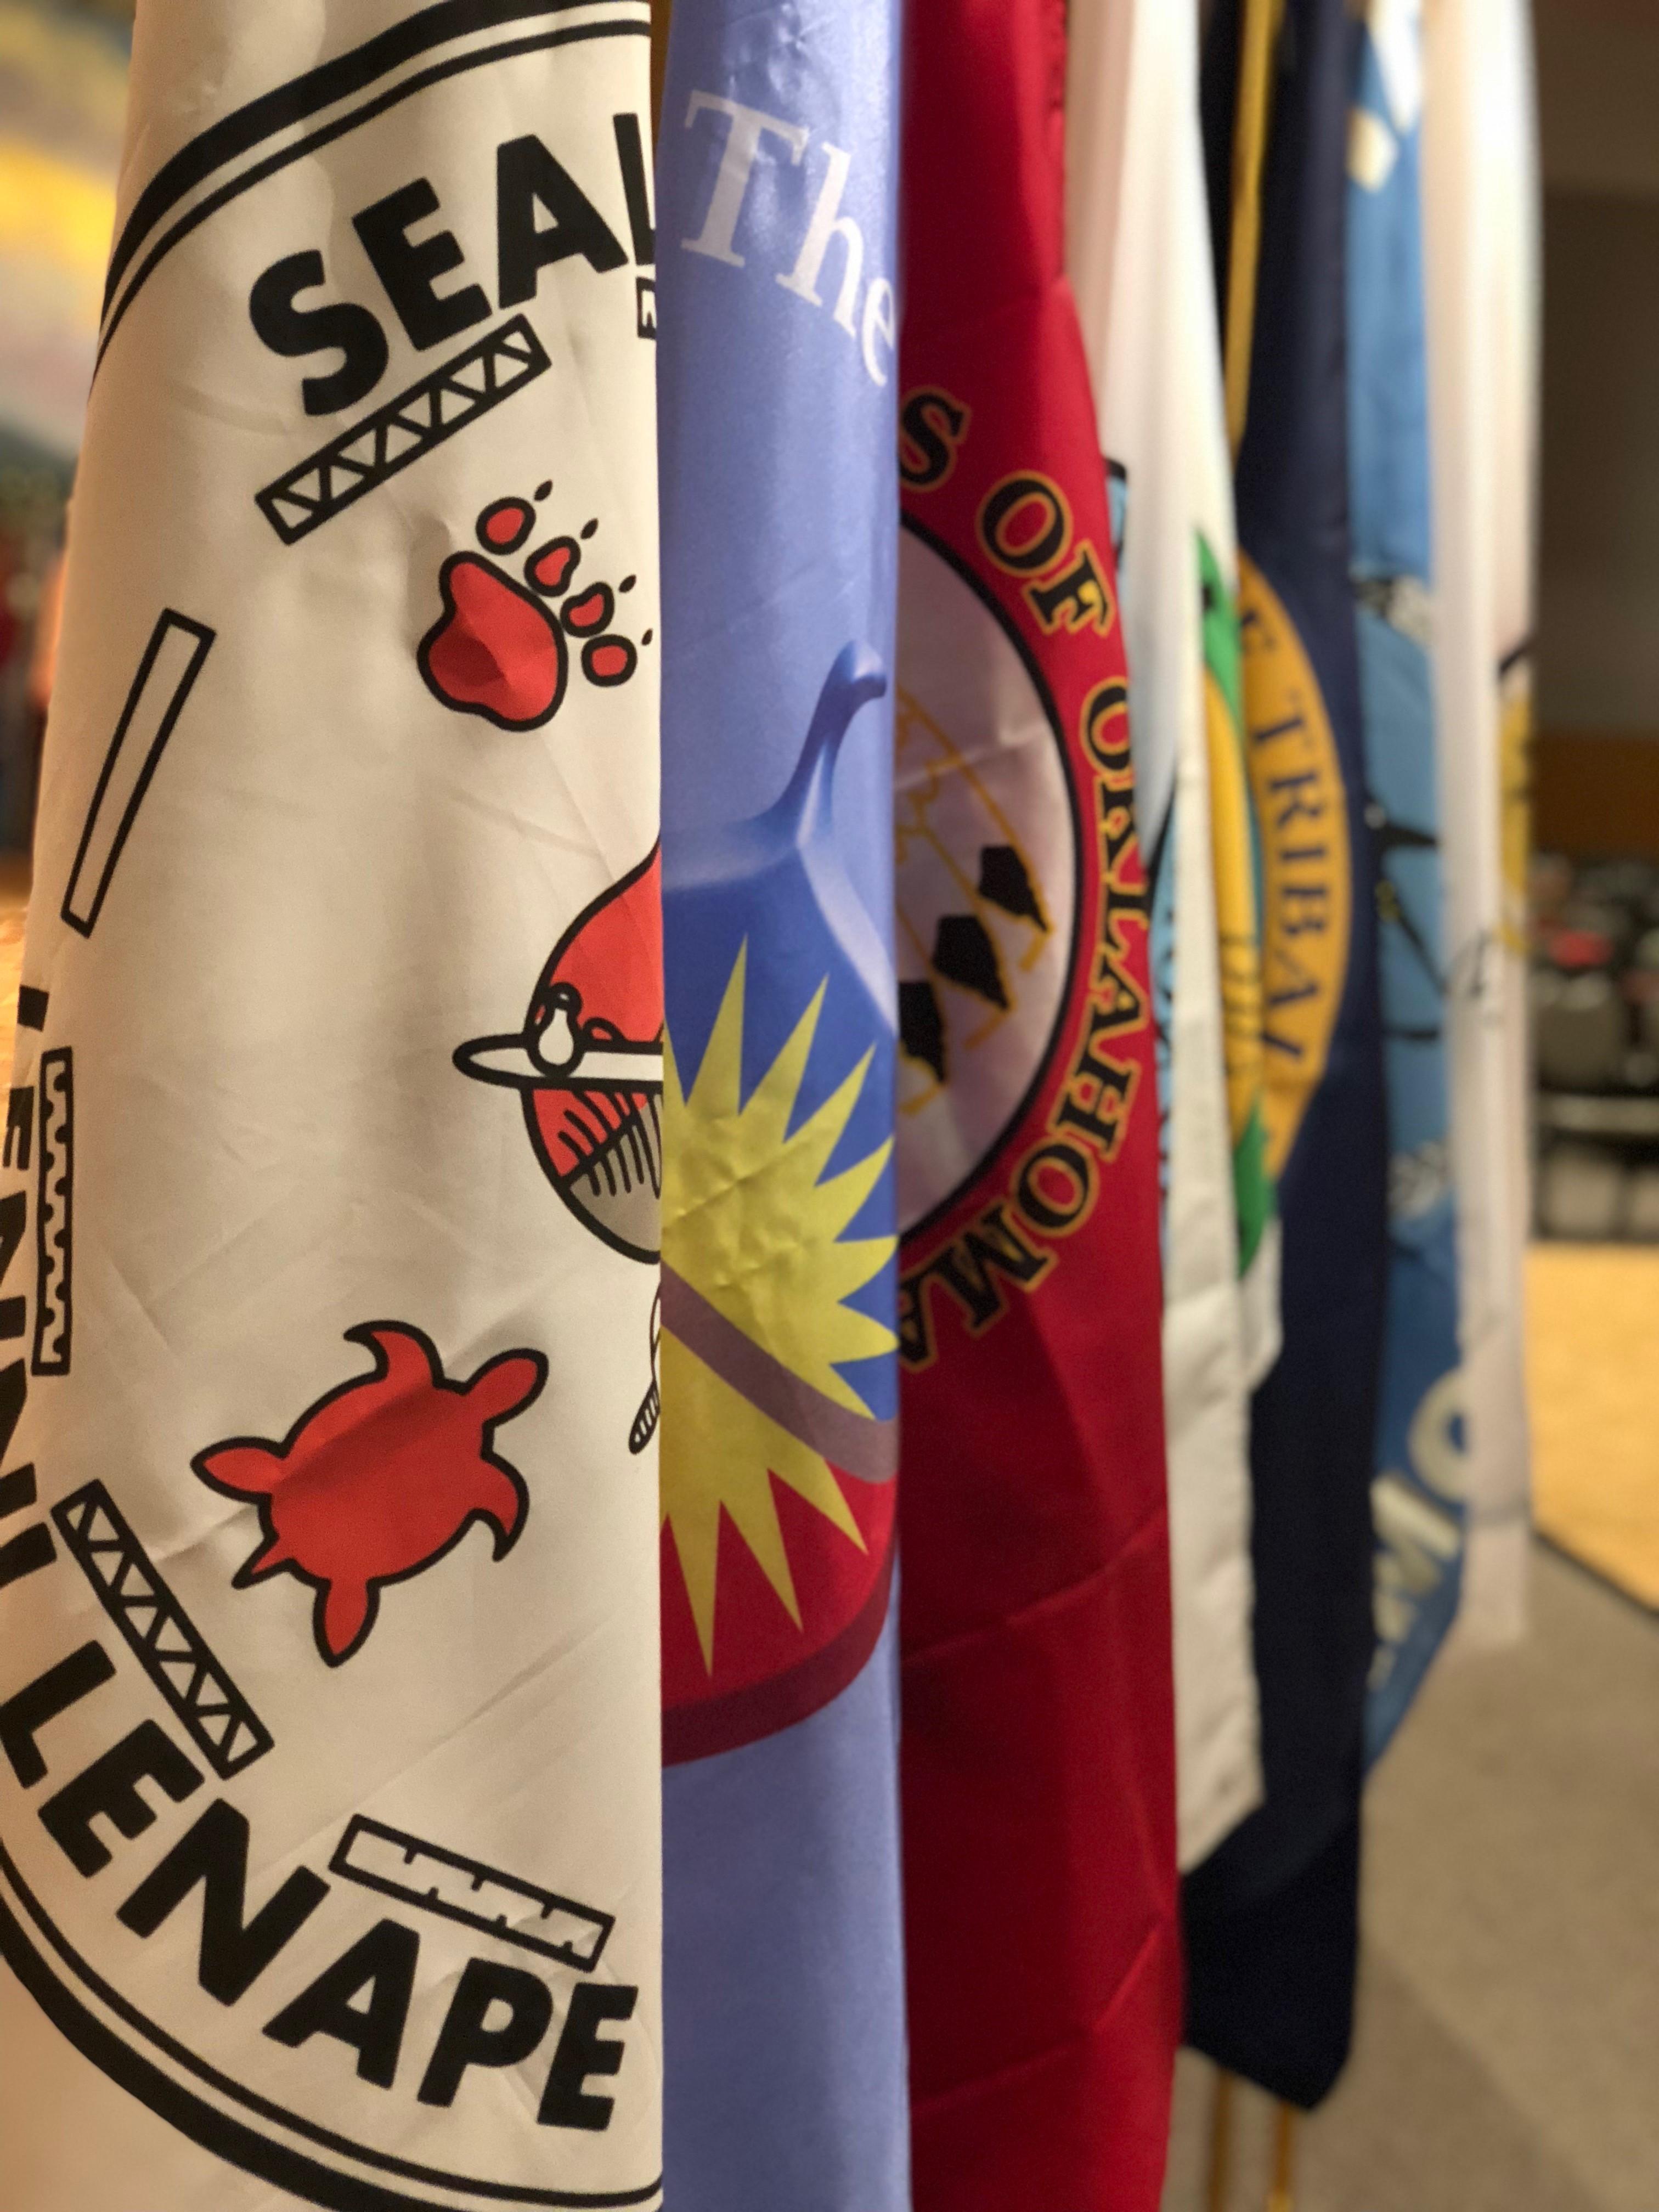 OK Indian Elder Honors flags